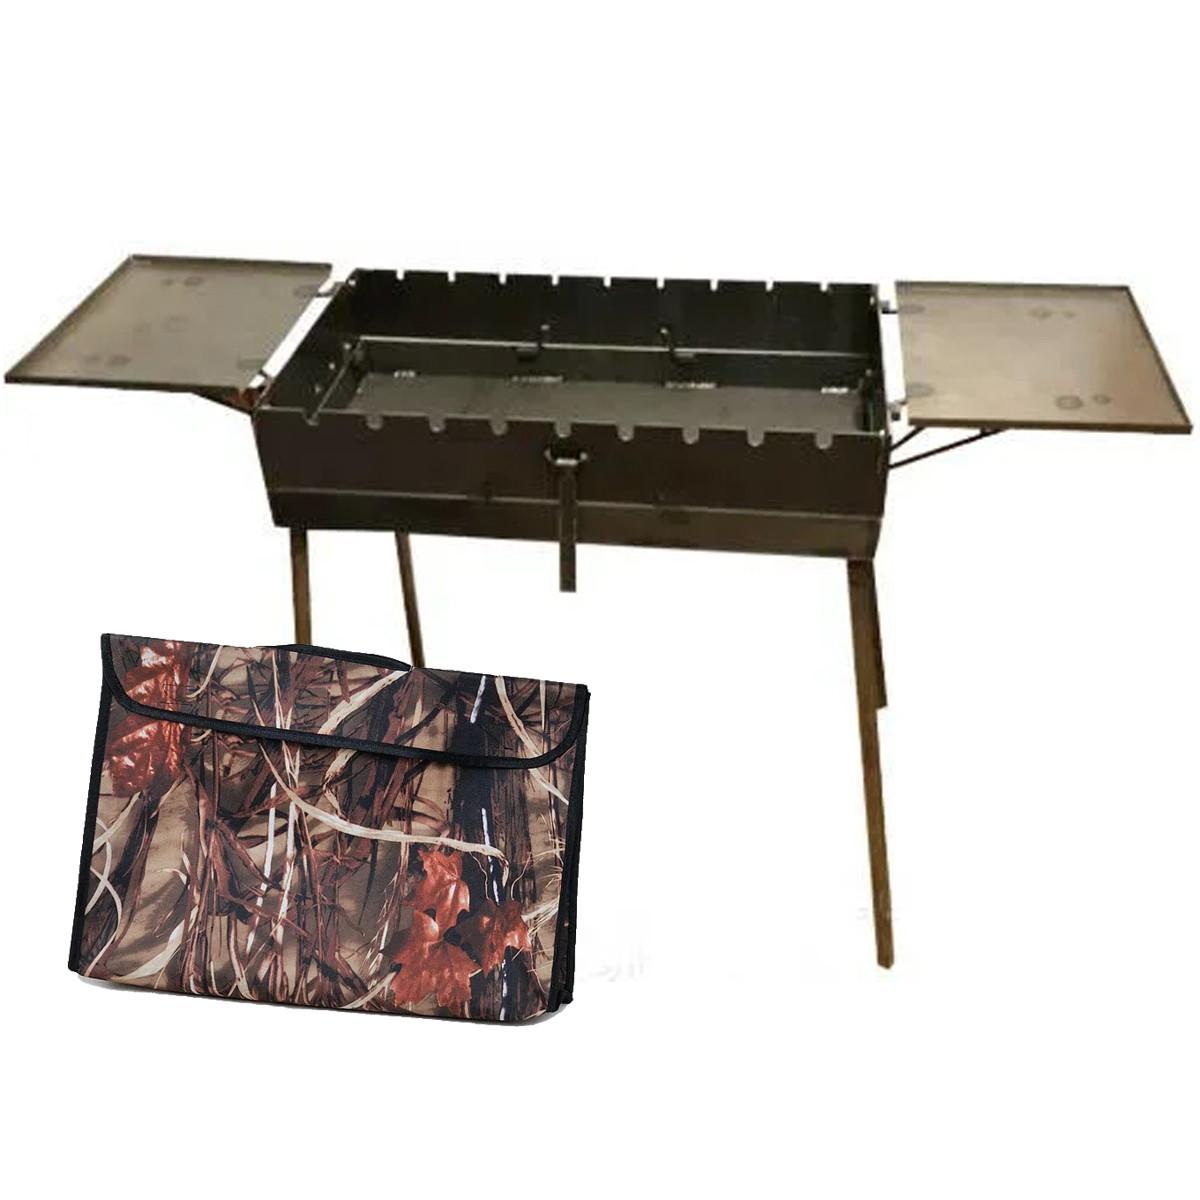 Мангал переносной -чемодан 3 мм на 9 шмп. со столиками 570х300х150мм + Чехол(Складной, раскладной Барбекю)